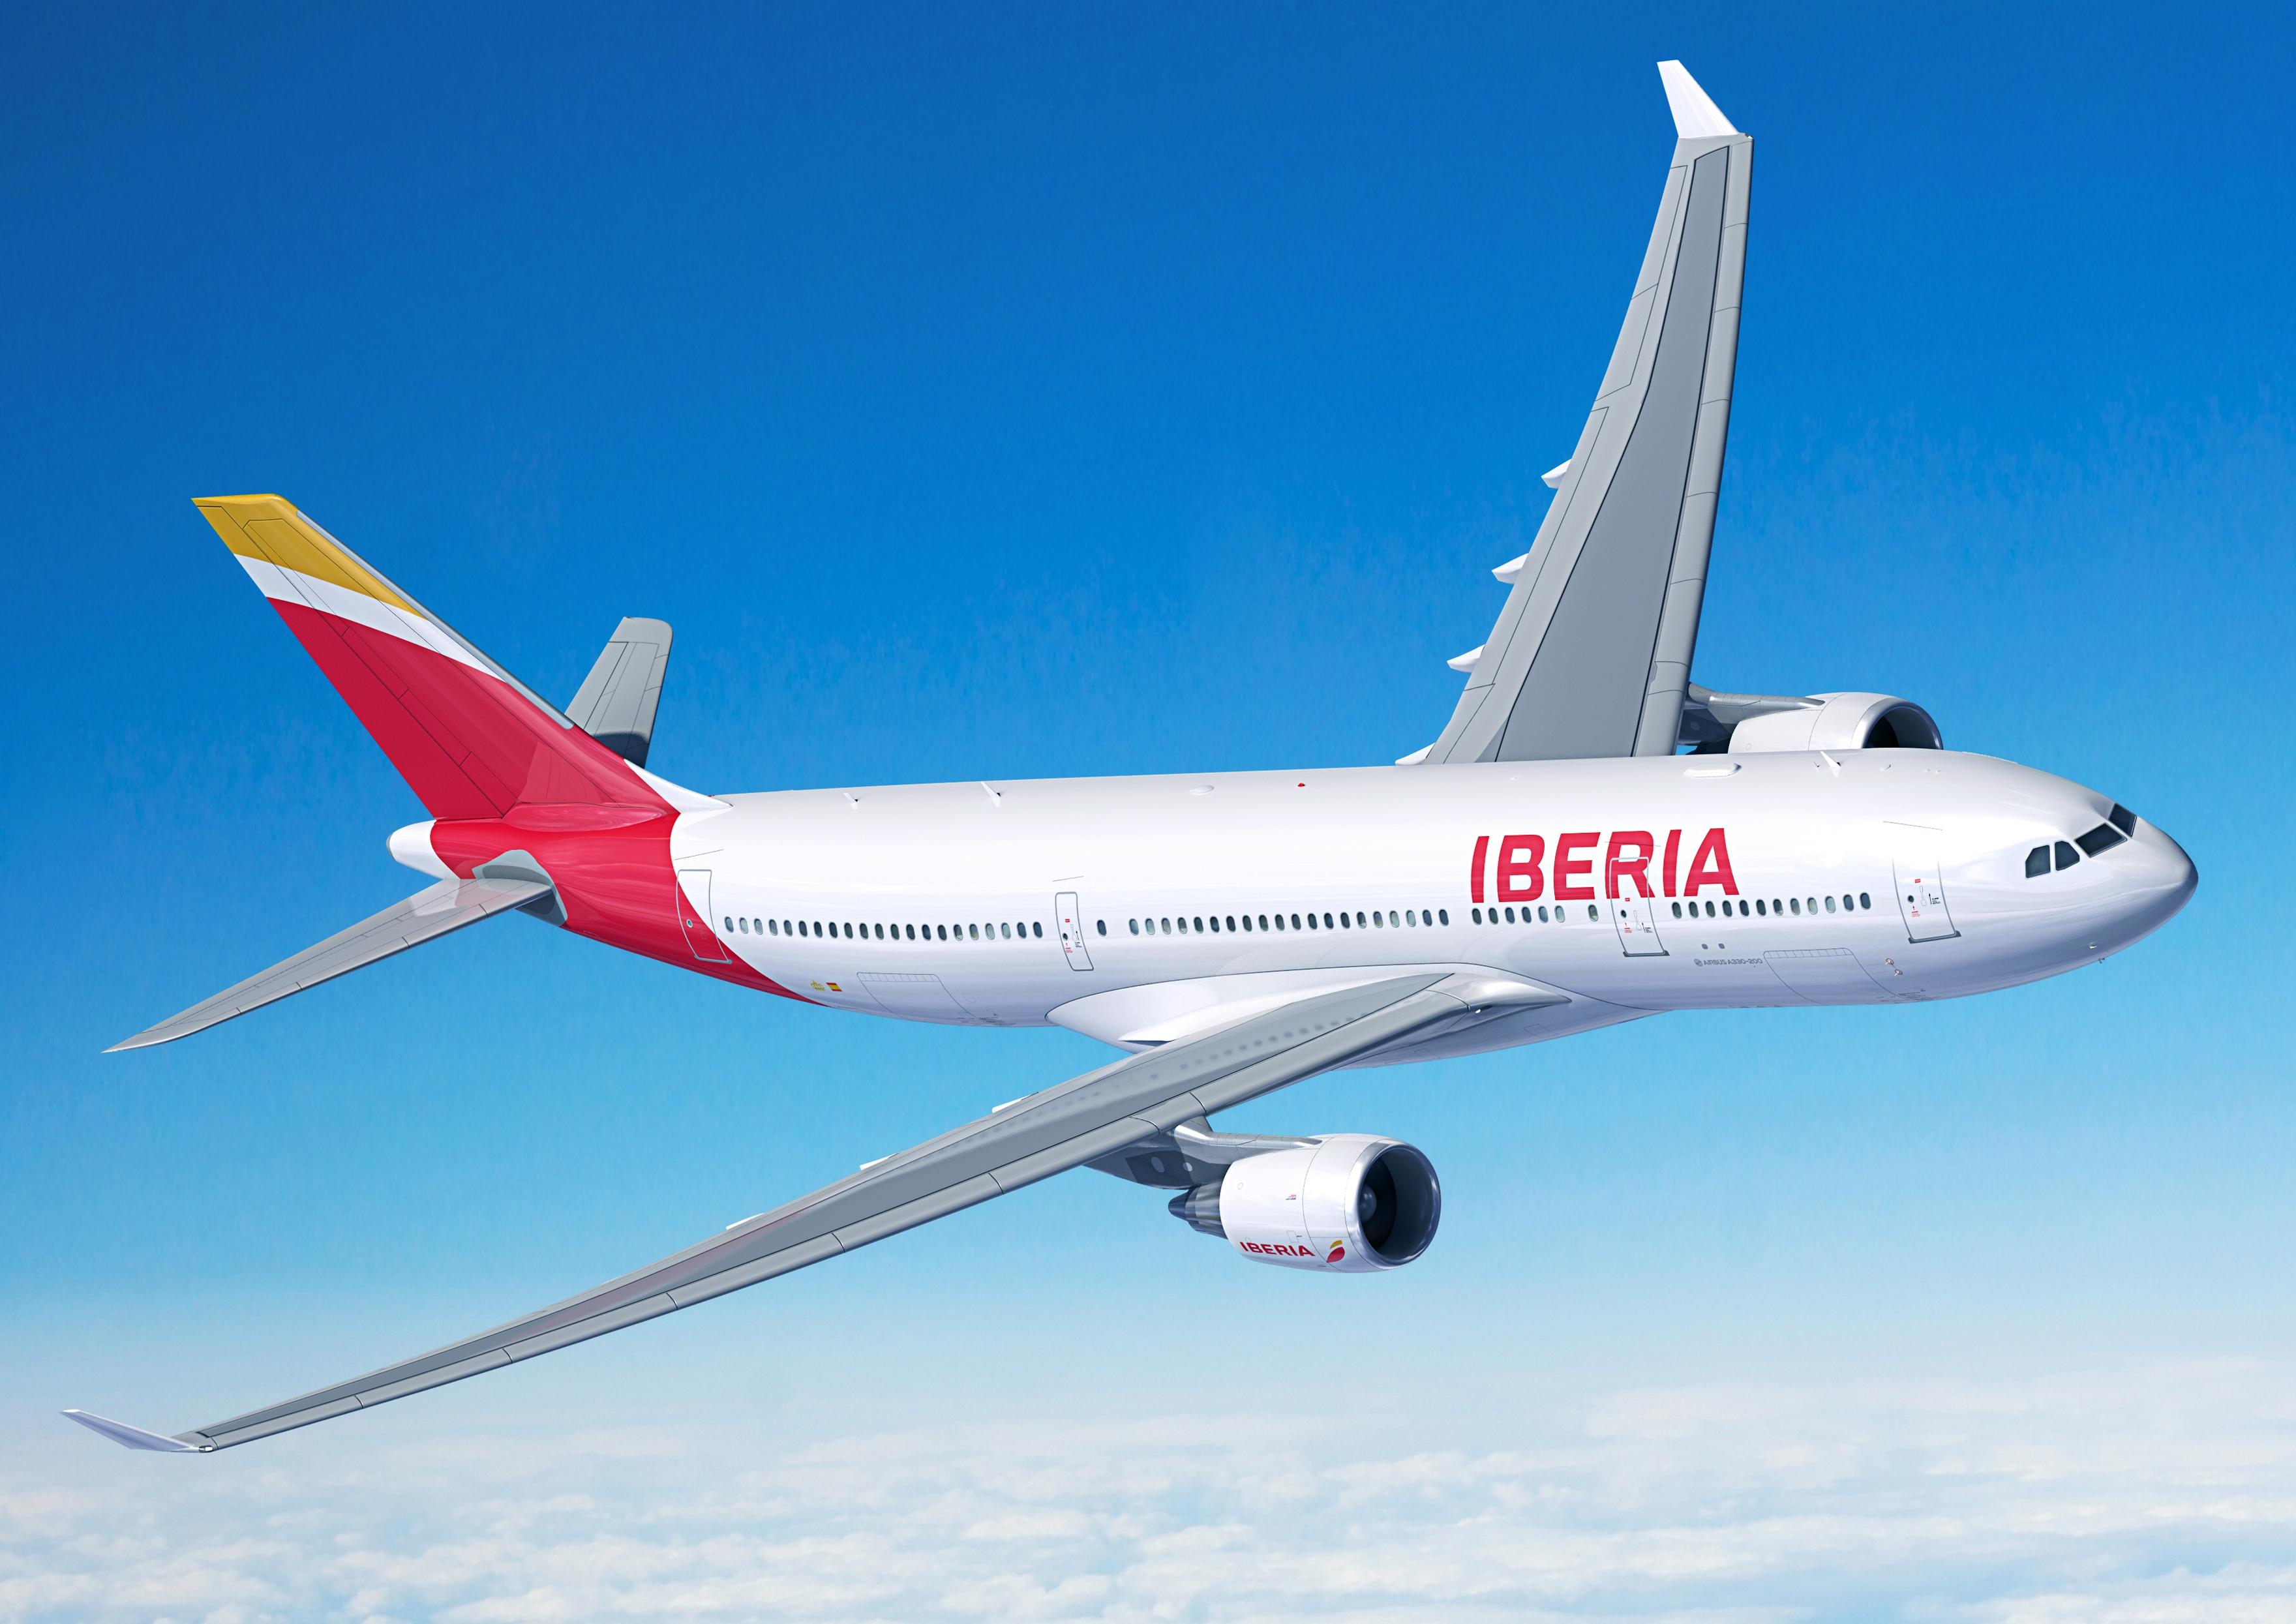 Iberia ya tiene pedidos ocho A330-200 además de los anunciados ahora.